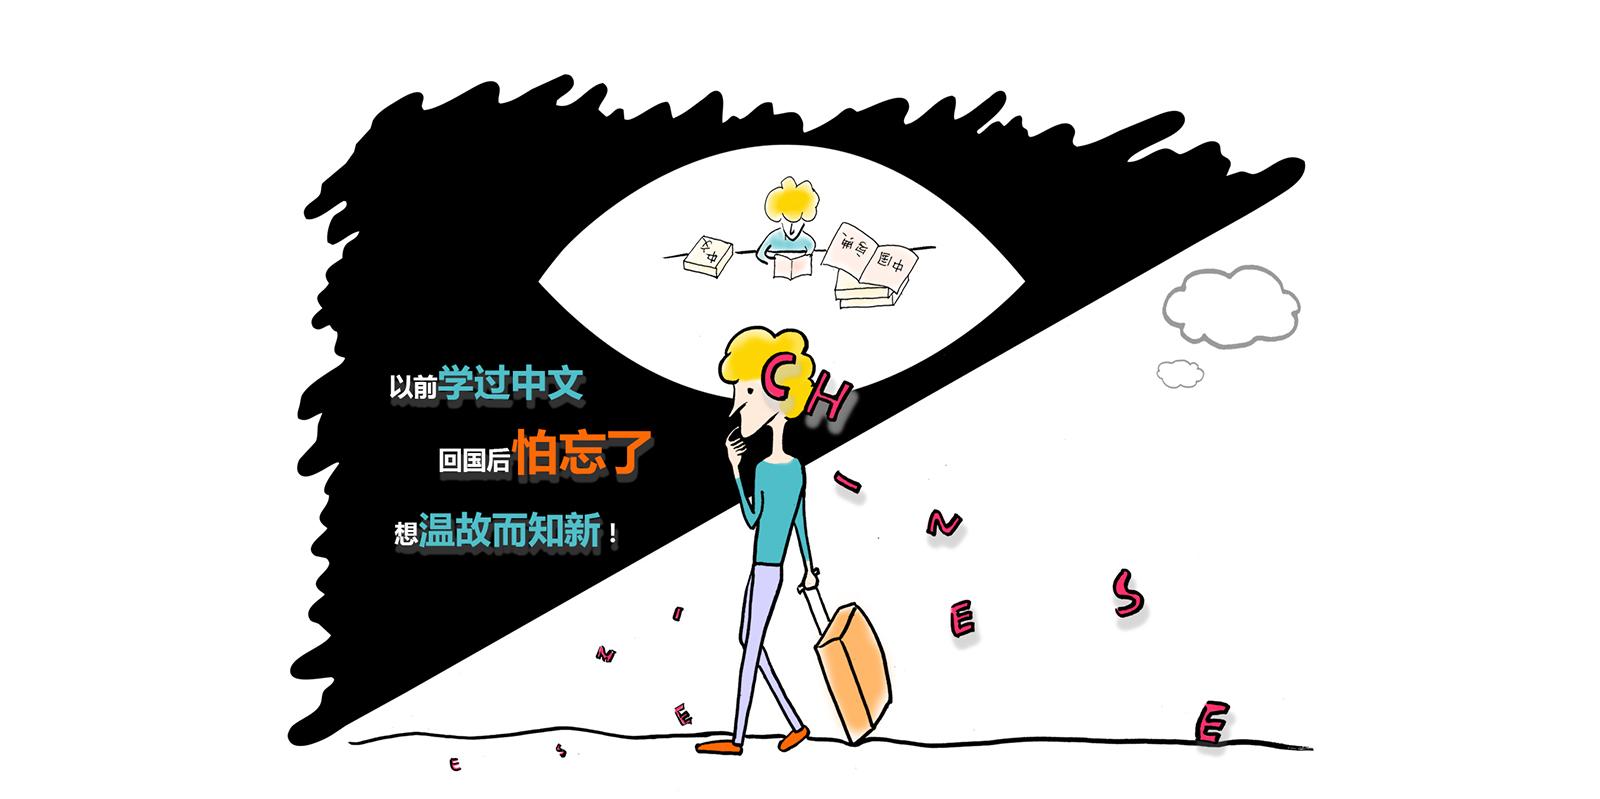 想学中文,没机会来中国,网络课又太贵,怎么学到正宗的中文呢?-小游瓶的画廊